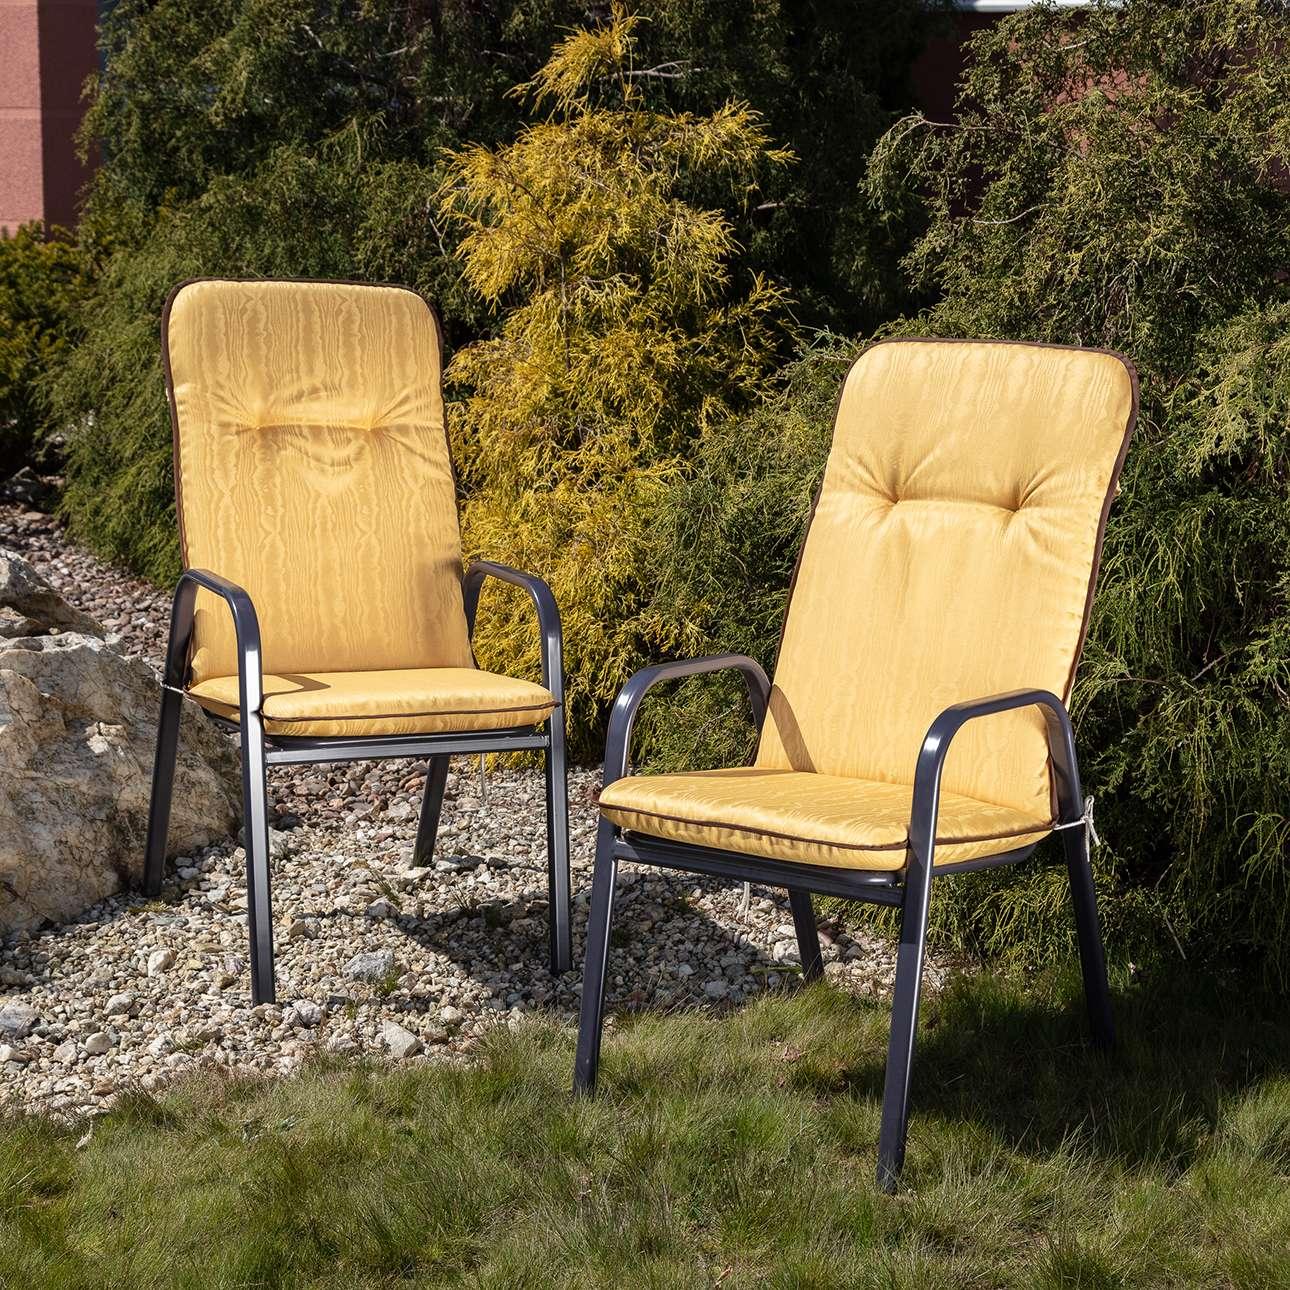 Materac ogrodowy 120 x 50 x 60 cm żółty